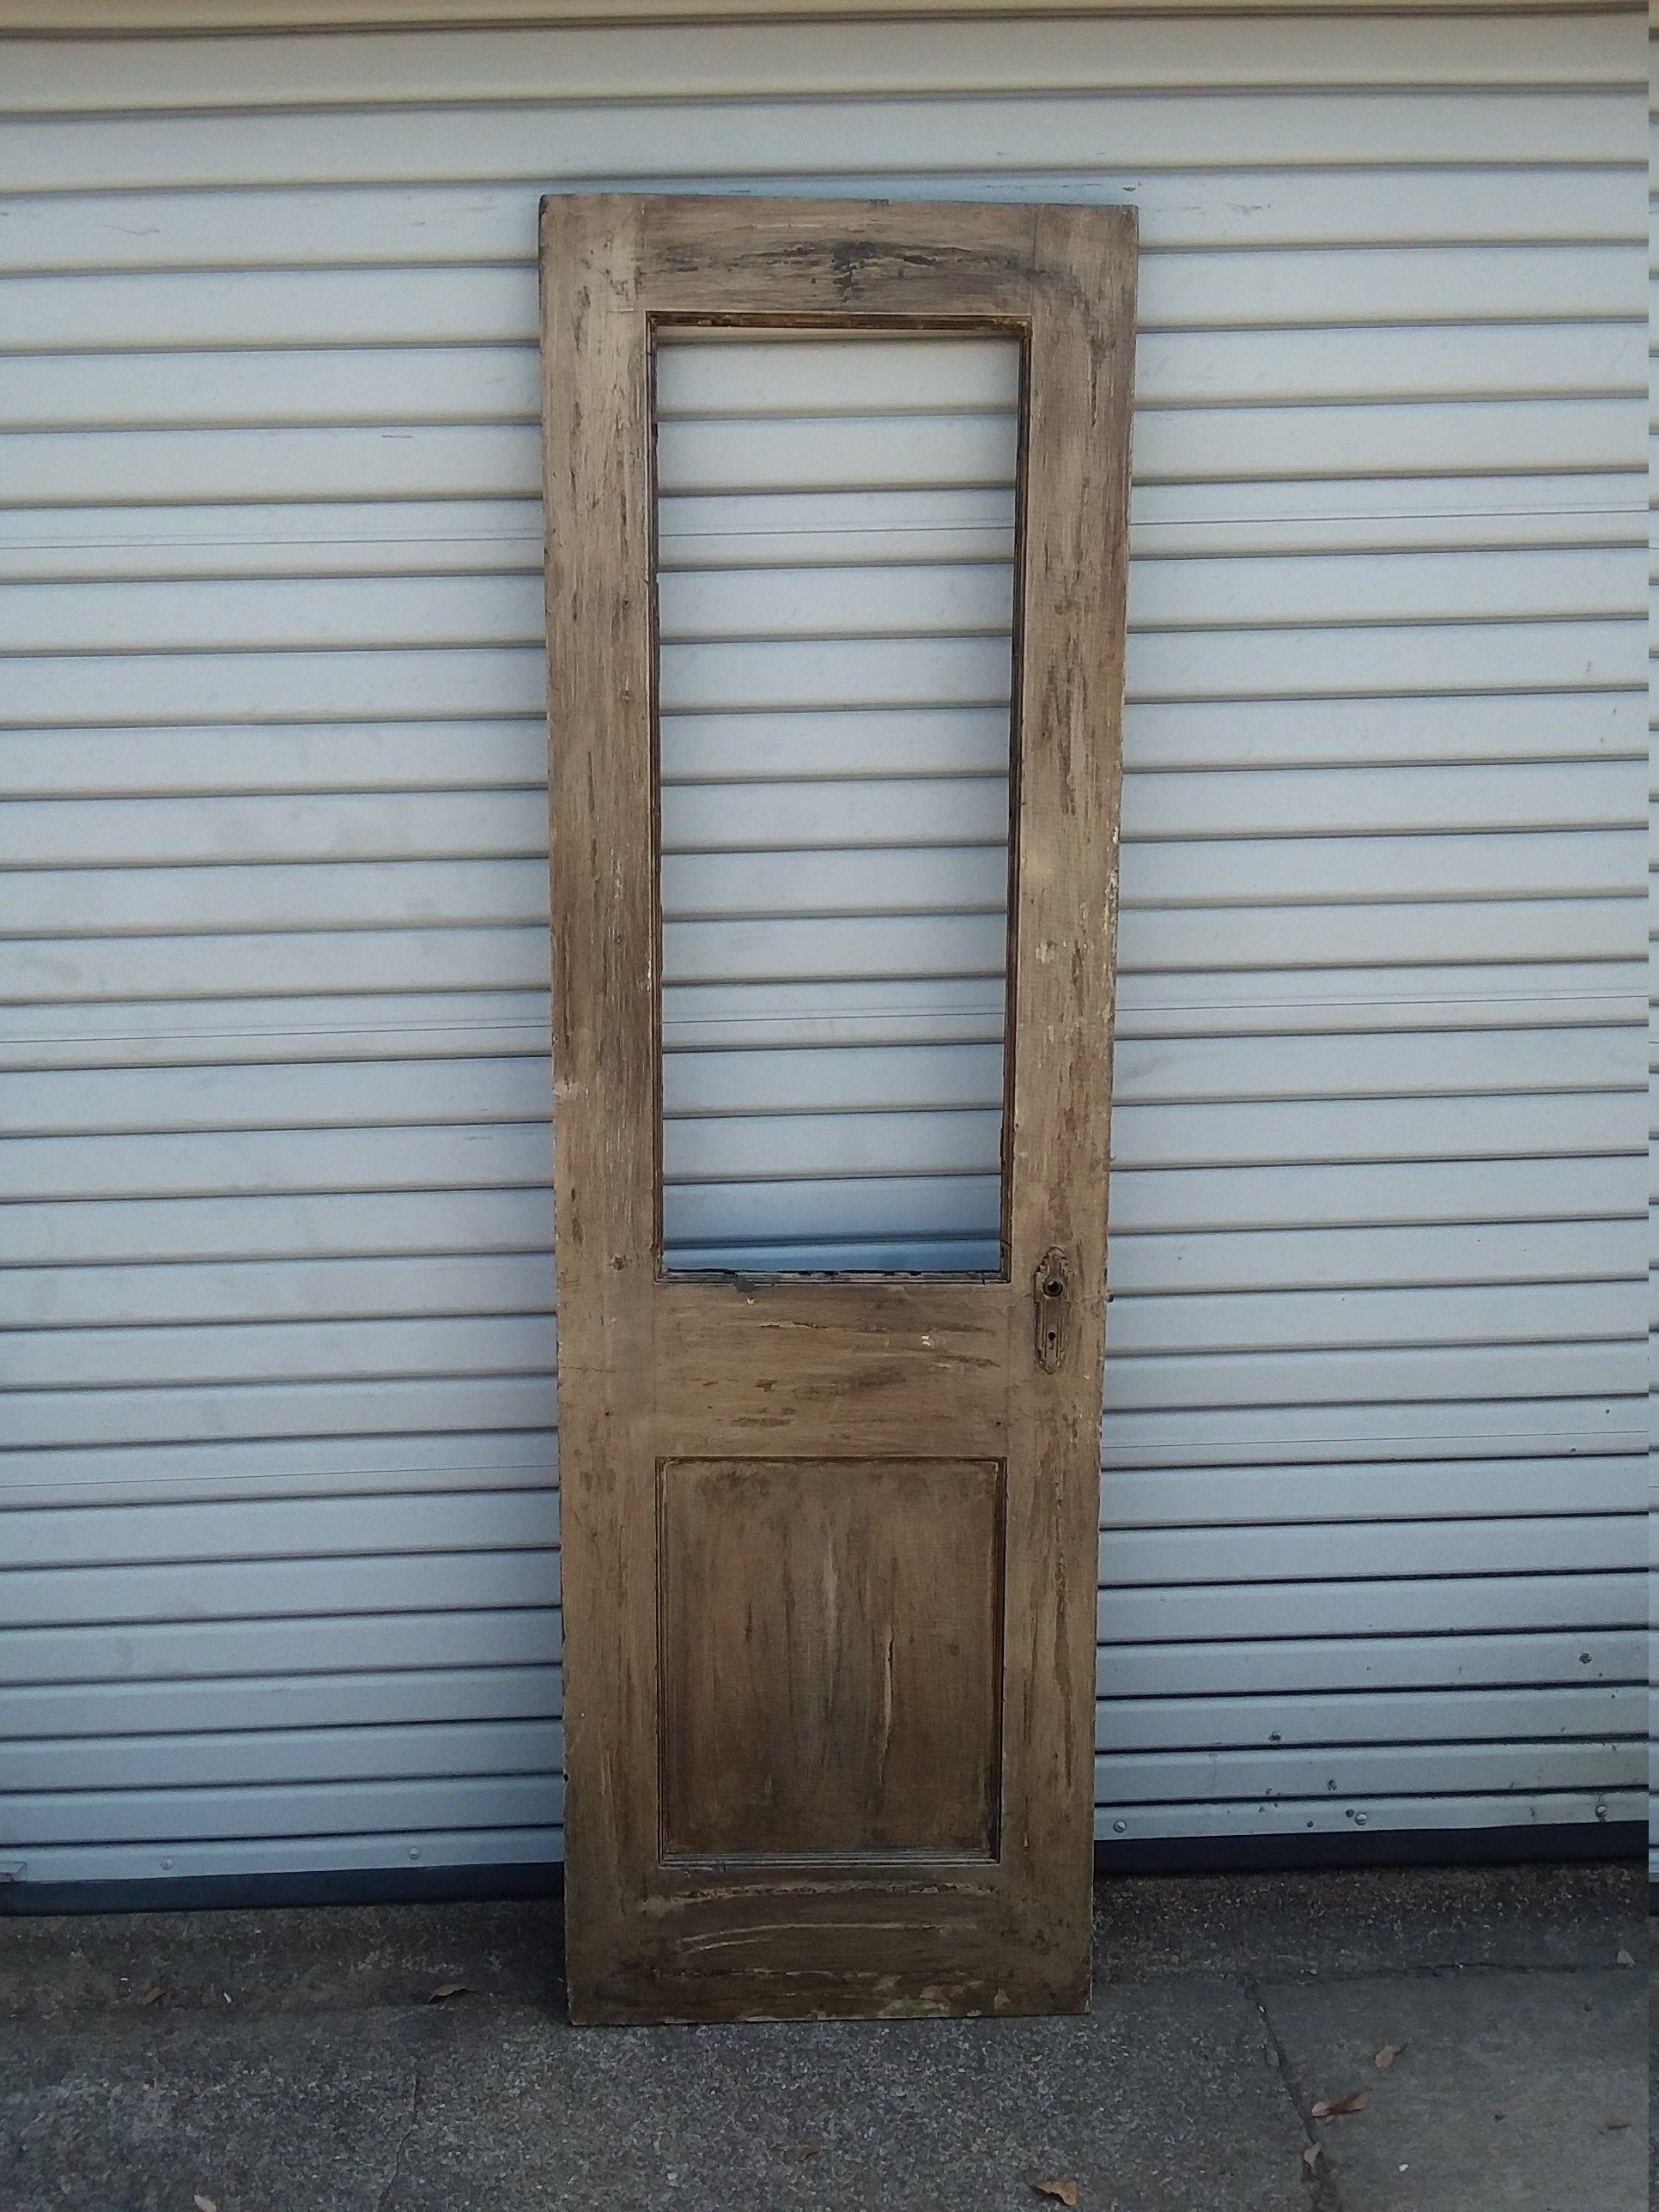 Pantry Door Kitchen Pantry Door Farmhouse Pantry Door 24 Inch Door Rustic Door Backdrop Architectural Salvage 23 3 4 X 78 78 1 4 Antique Door Farmhouse Doors Rustic Doors